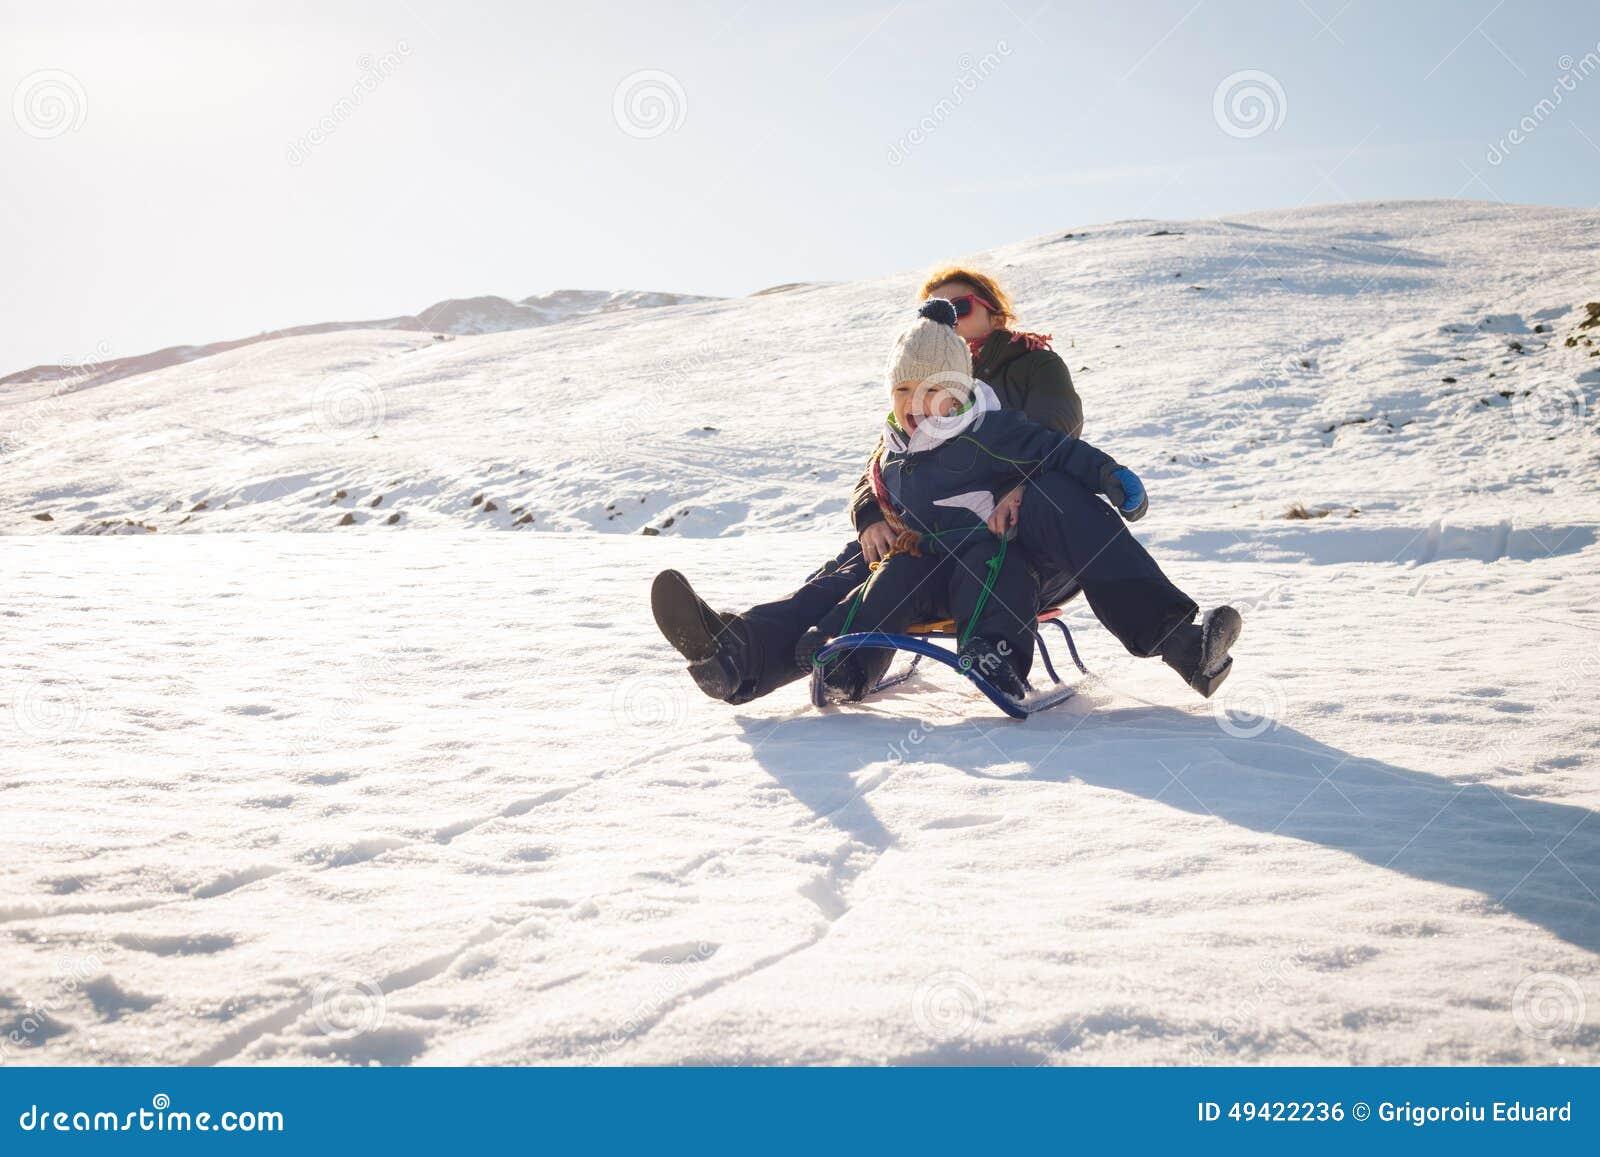 Icke gamla Lycklig Moder Och Barn Som Spelar I Snön Med En Pulka Arkivfoto UI-38